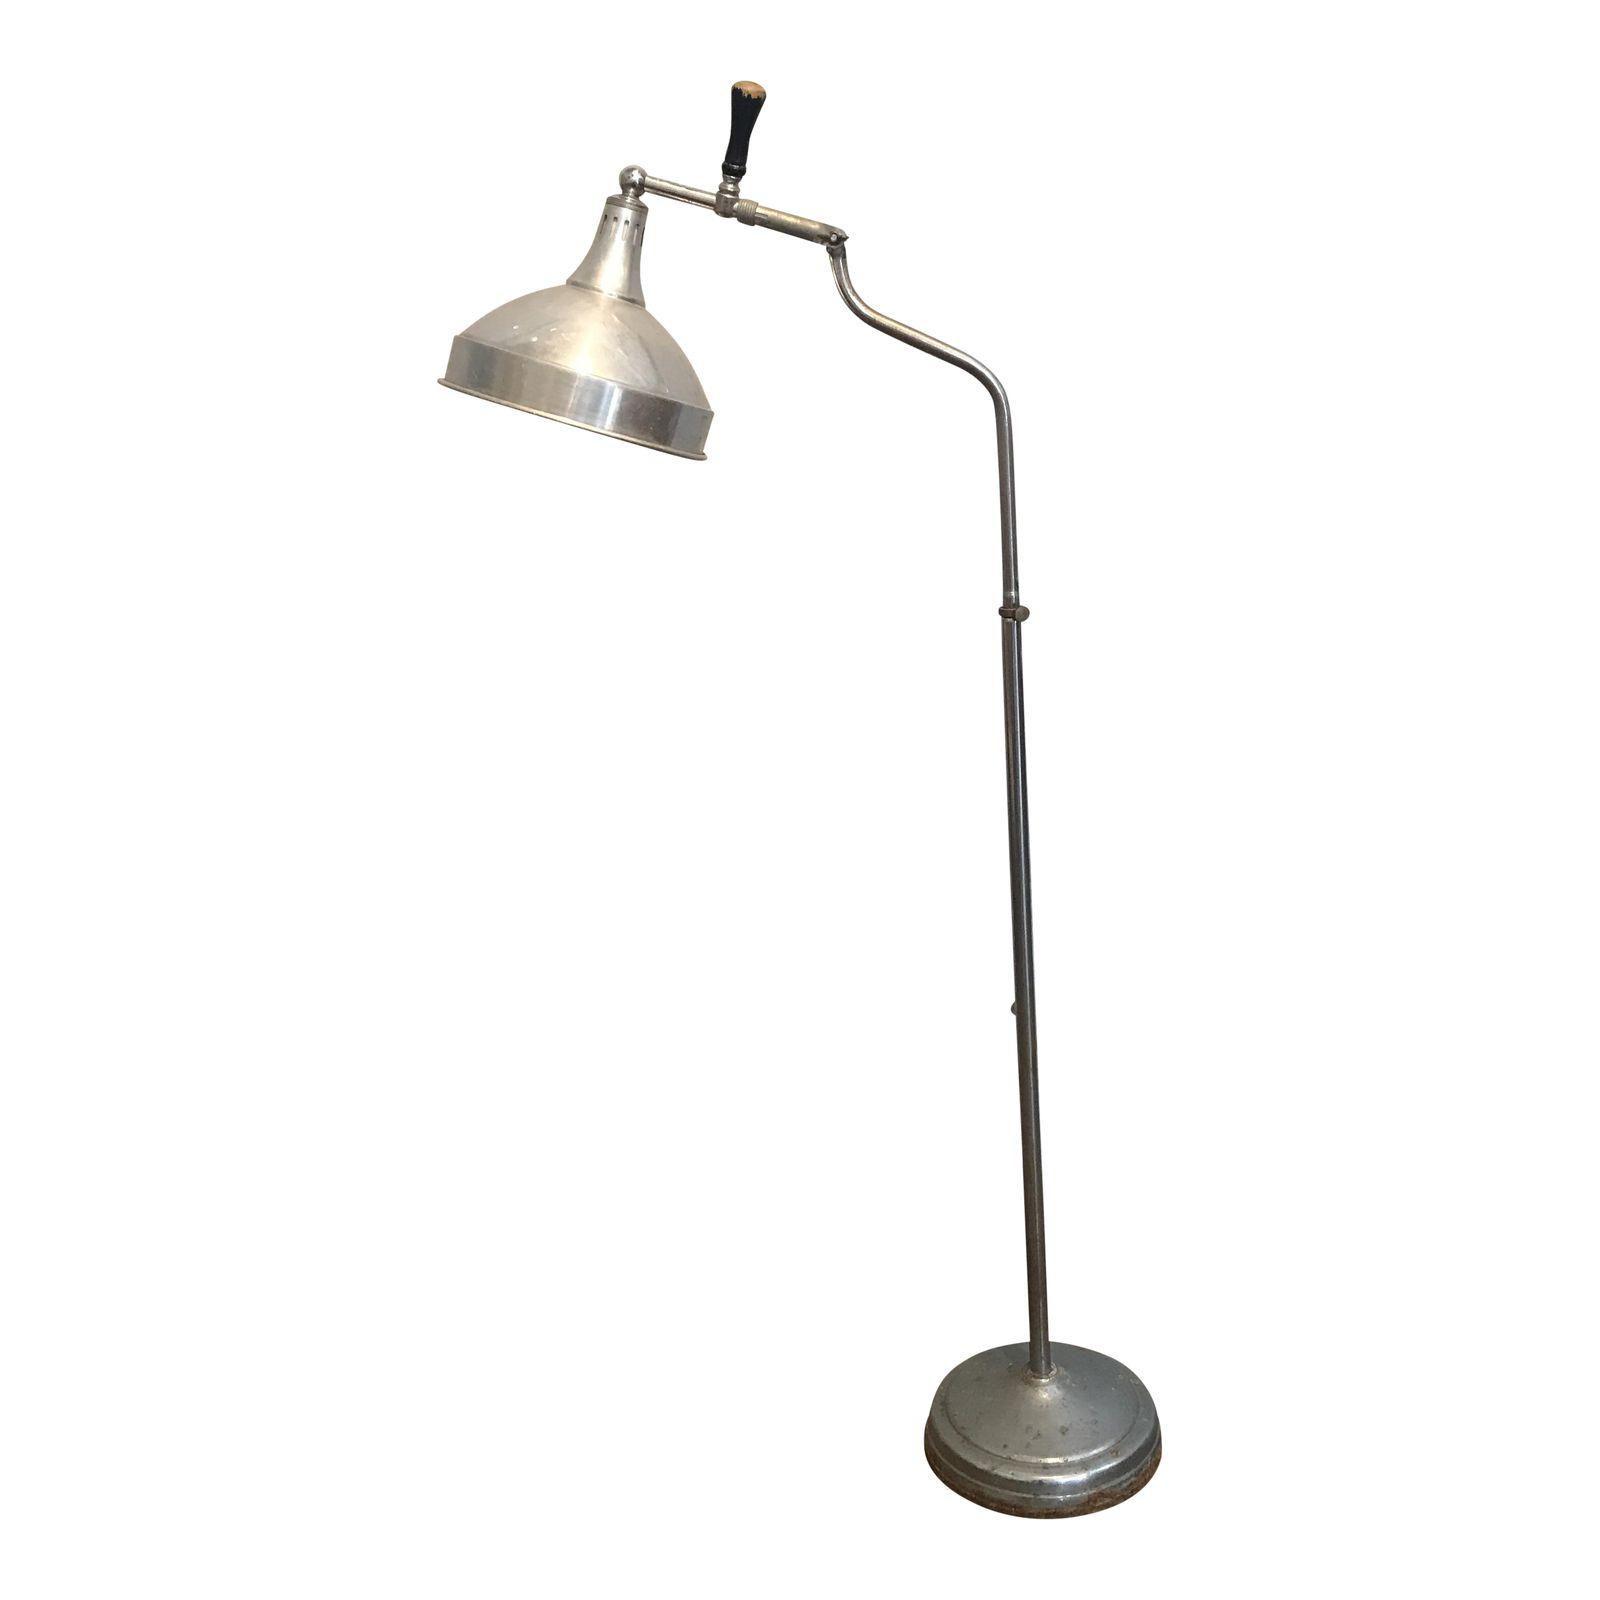 Vintage Industrial Floor Lamp Image 1 Of 6 Floor Lamp Lamp Industrial Floor Lamps